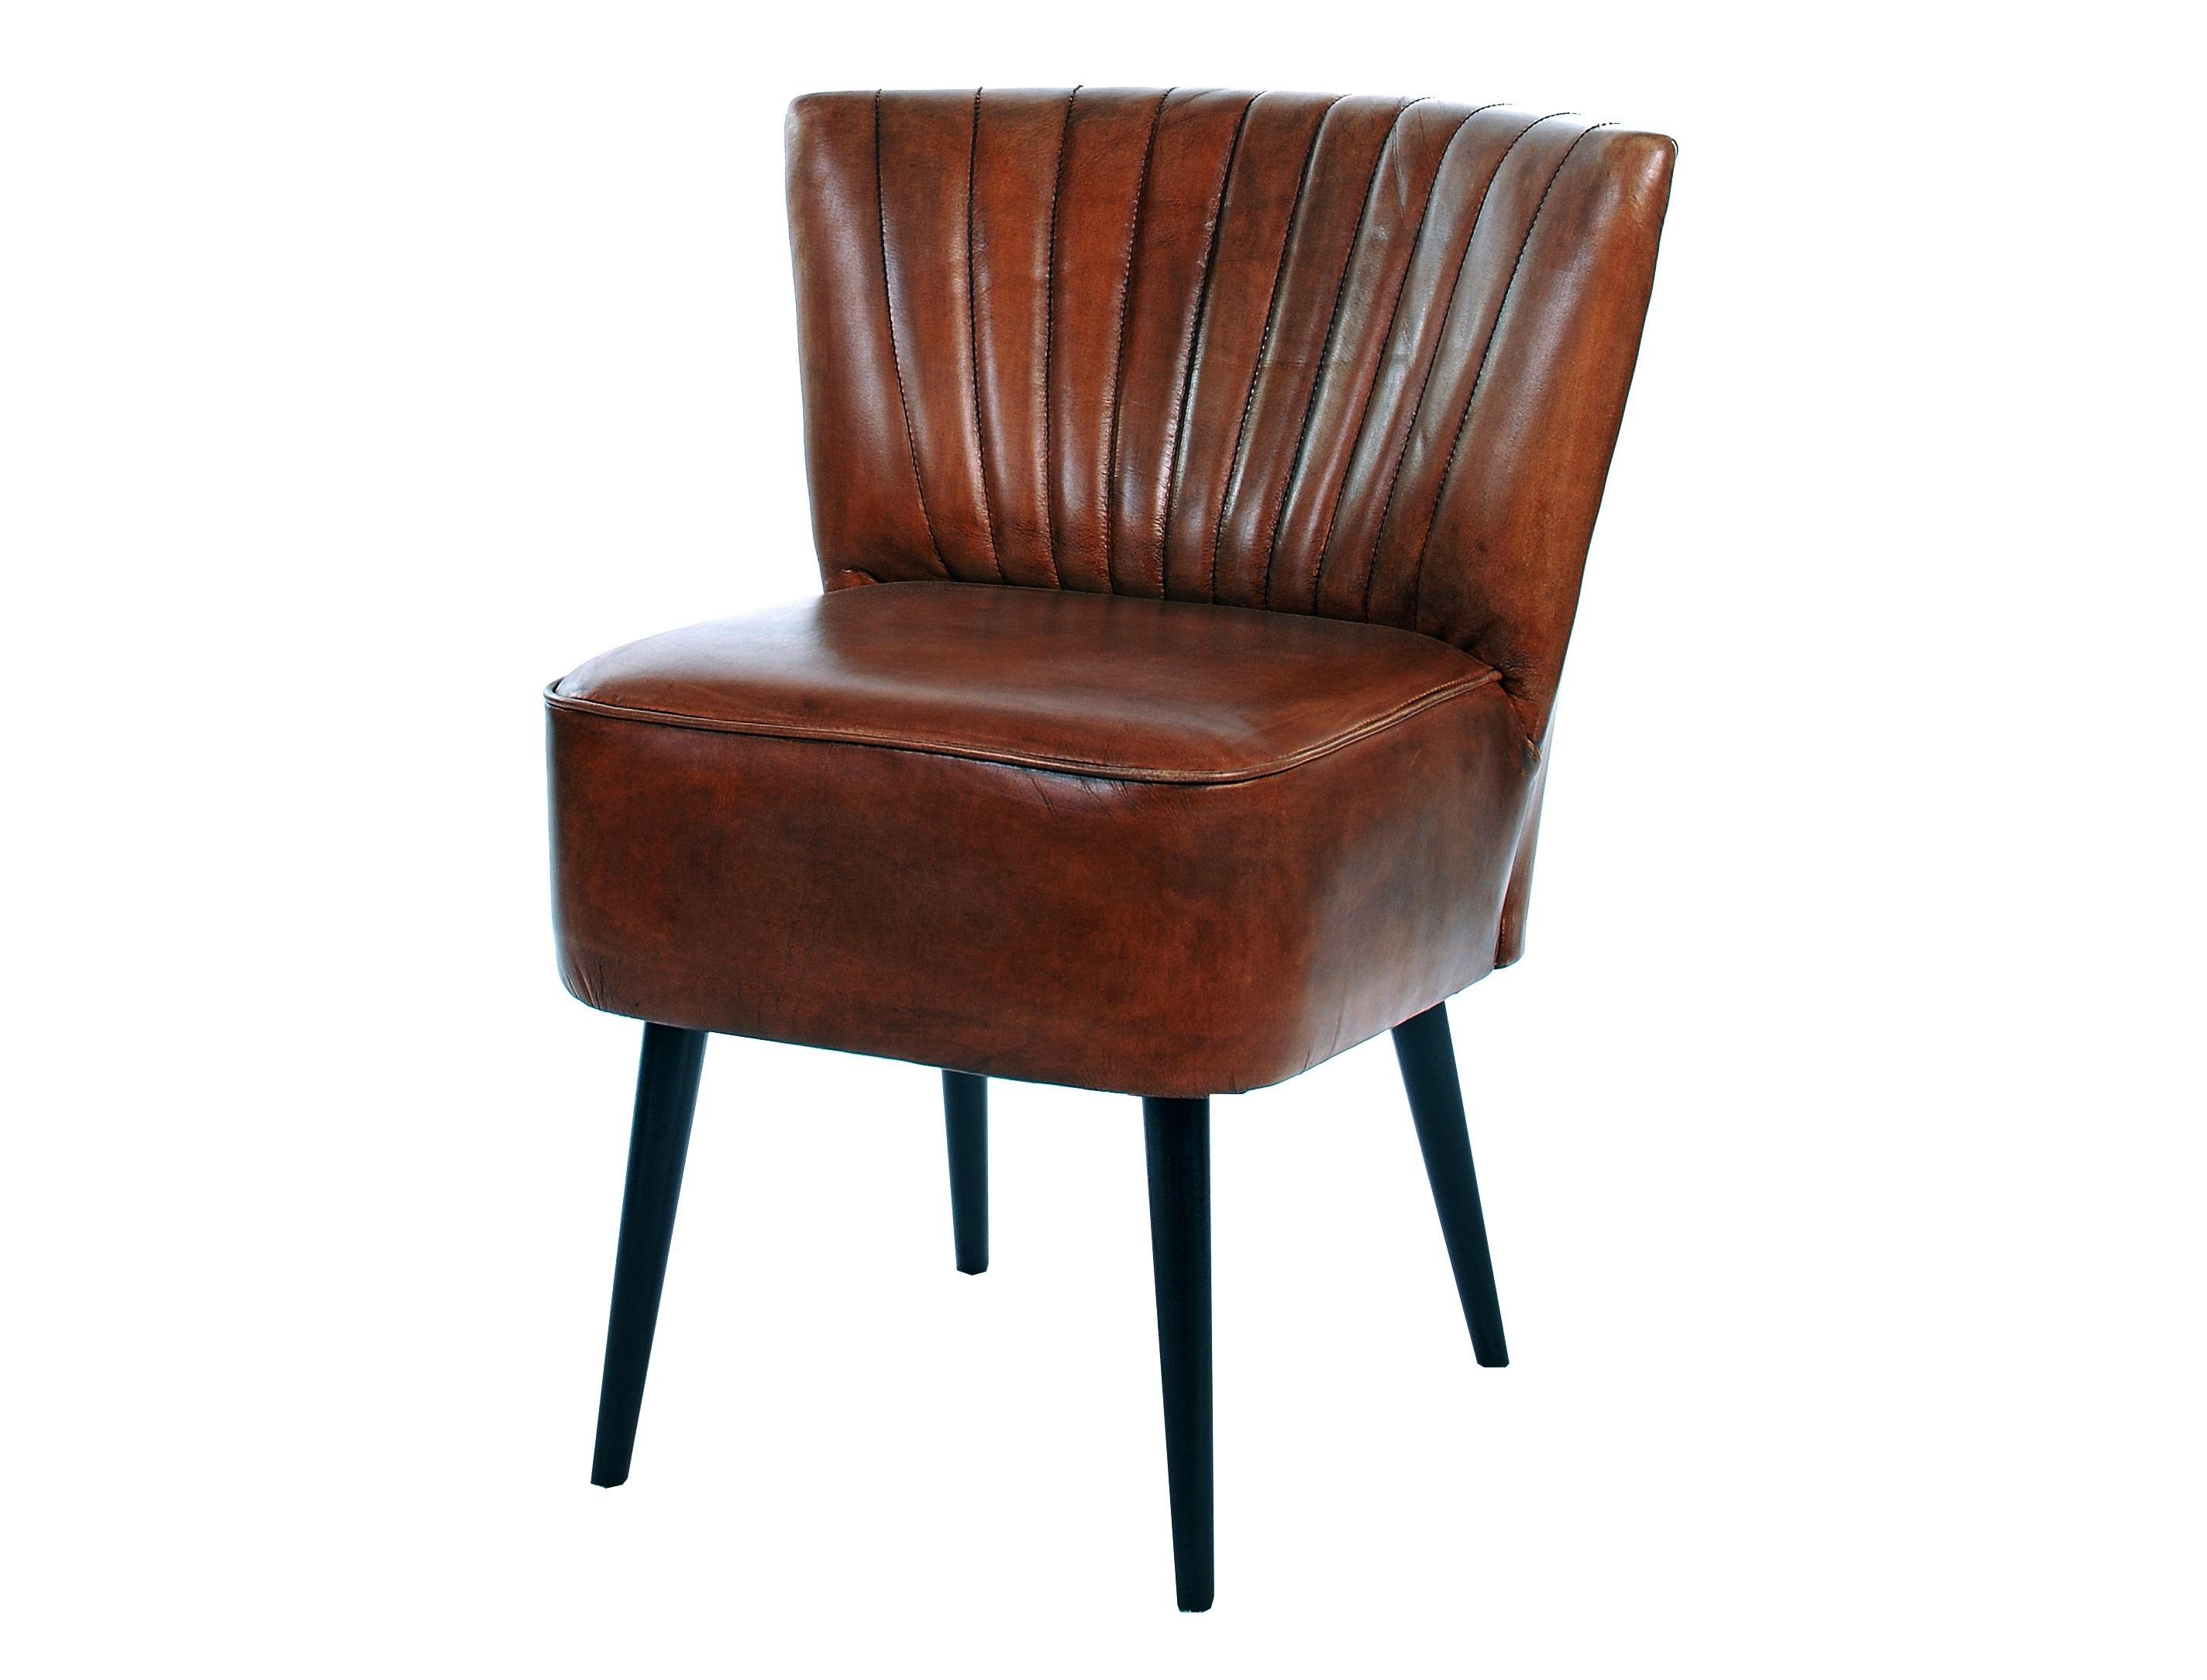 Стул МайкОбеденные стулья<br>Кухня в стиле лофт станет отражением уникального вкуса людей, привыкших выходить за рамки обыденности. Стол, окруженный стульями &amp;quot;Майк&amp;quot;, будет смотреться идеально в пространстве промышленного дизайна. Сочетающие в себе детали модерна и классические акценты, эти предметы интерьера добавят очарование гранжа комнате в стиле индастриал.<br><br>Material: Кожа<br>Length см: 78<br>Width см: 61<br>Depth см: None<br>Height см: 67<br>Diameter см: None